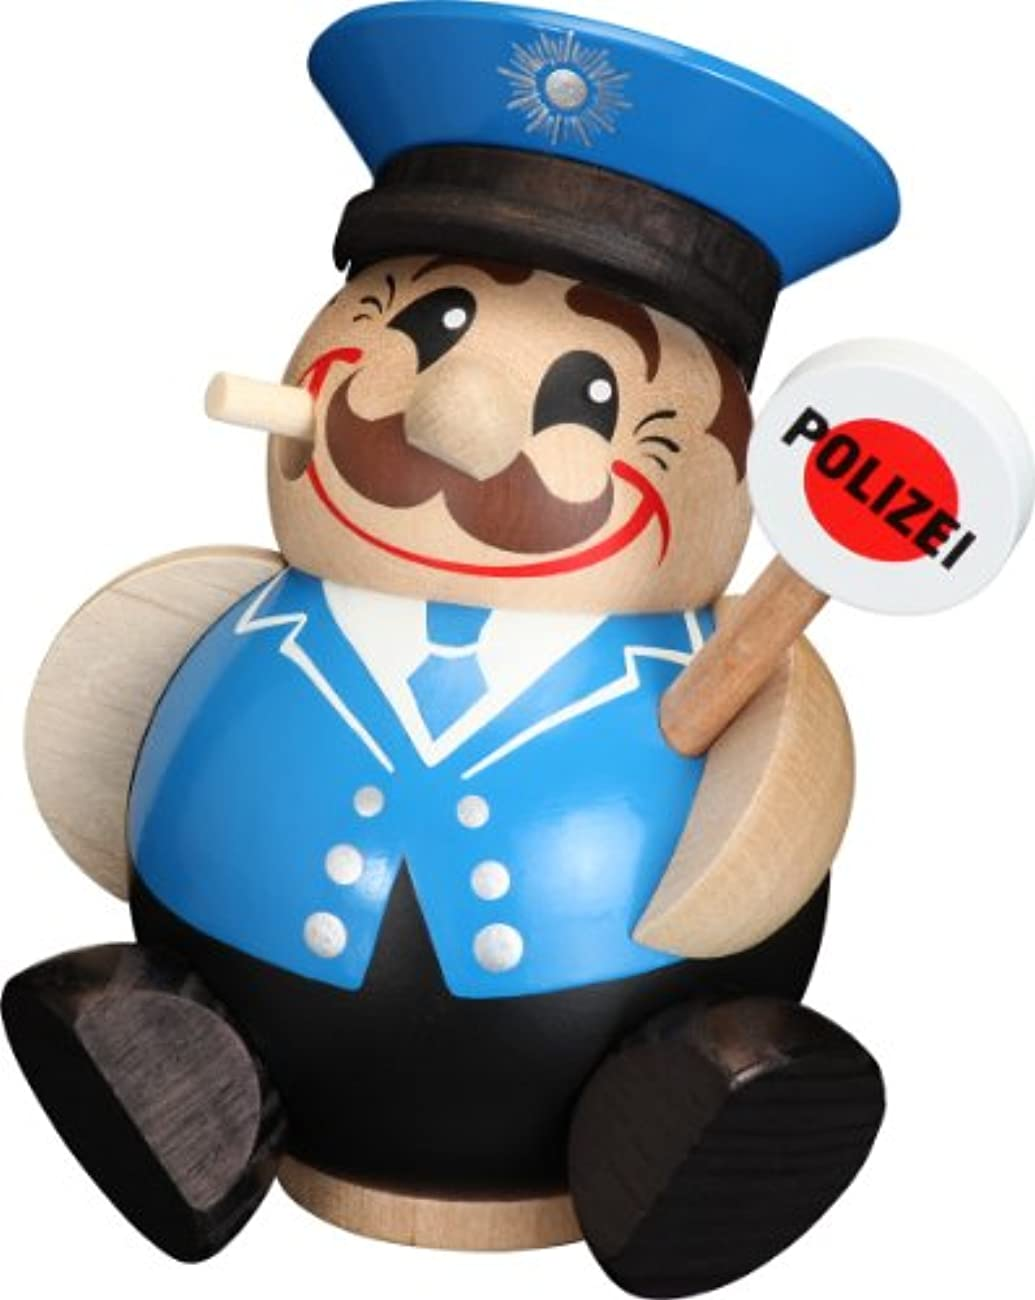 冷蔵庫嘆願ズボン新しい職業 エルツ山地 ザイフェン の警官 19023 の人を煙らす球の煙る図